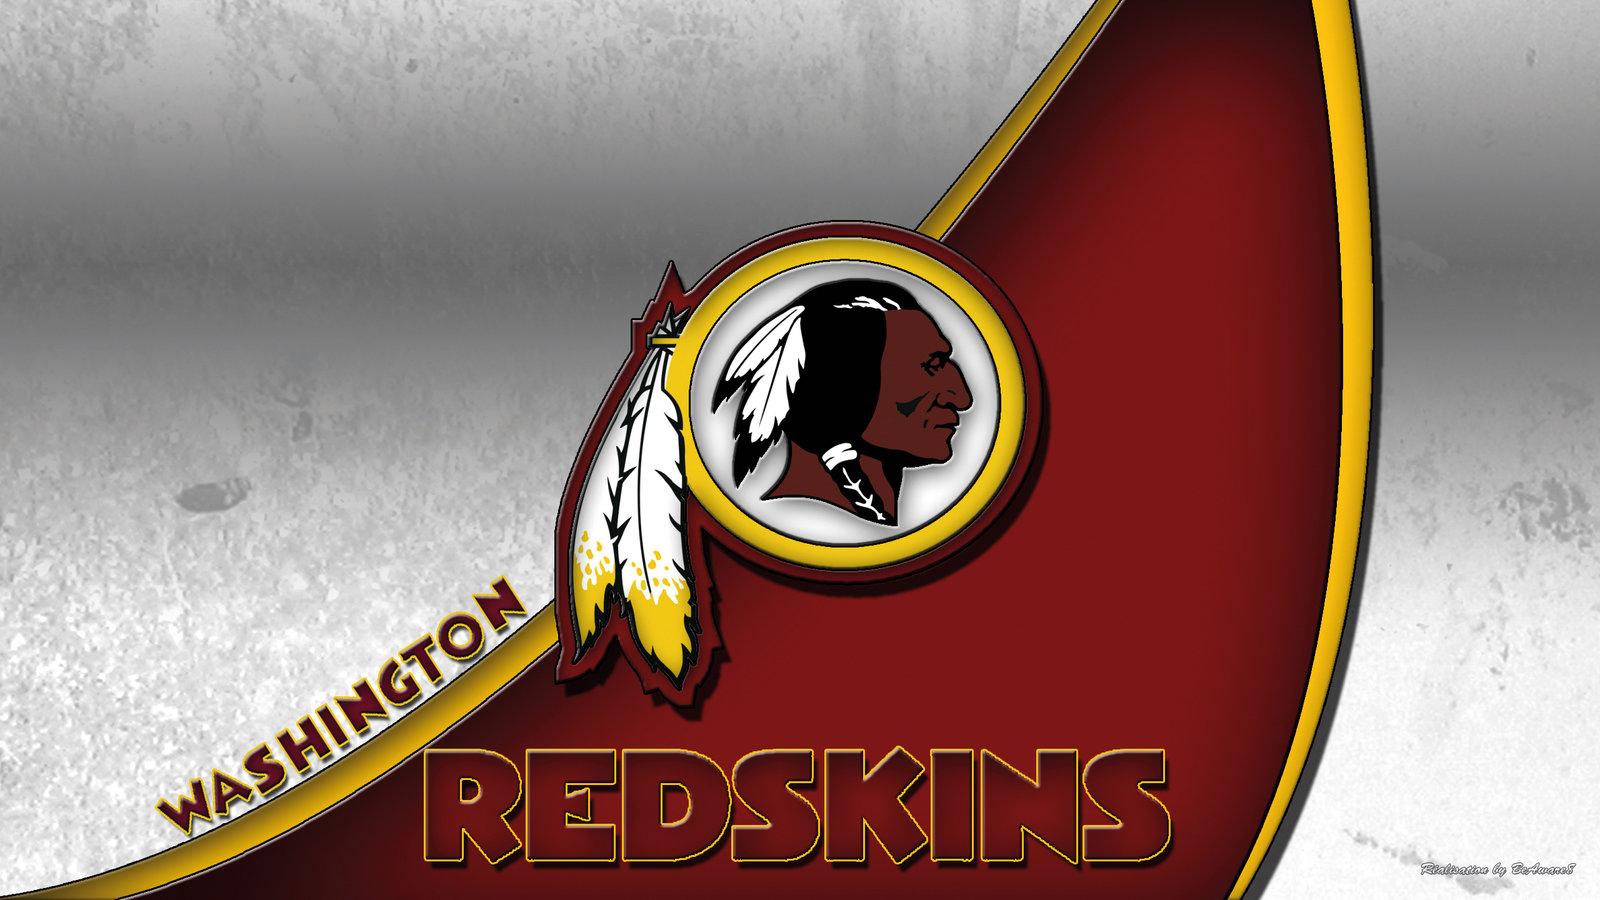 Washington Redskins by BeAware8 1600x900